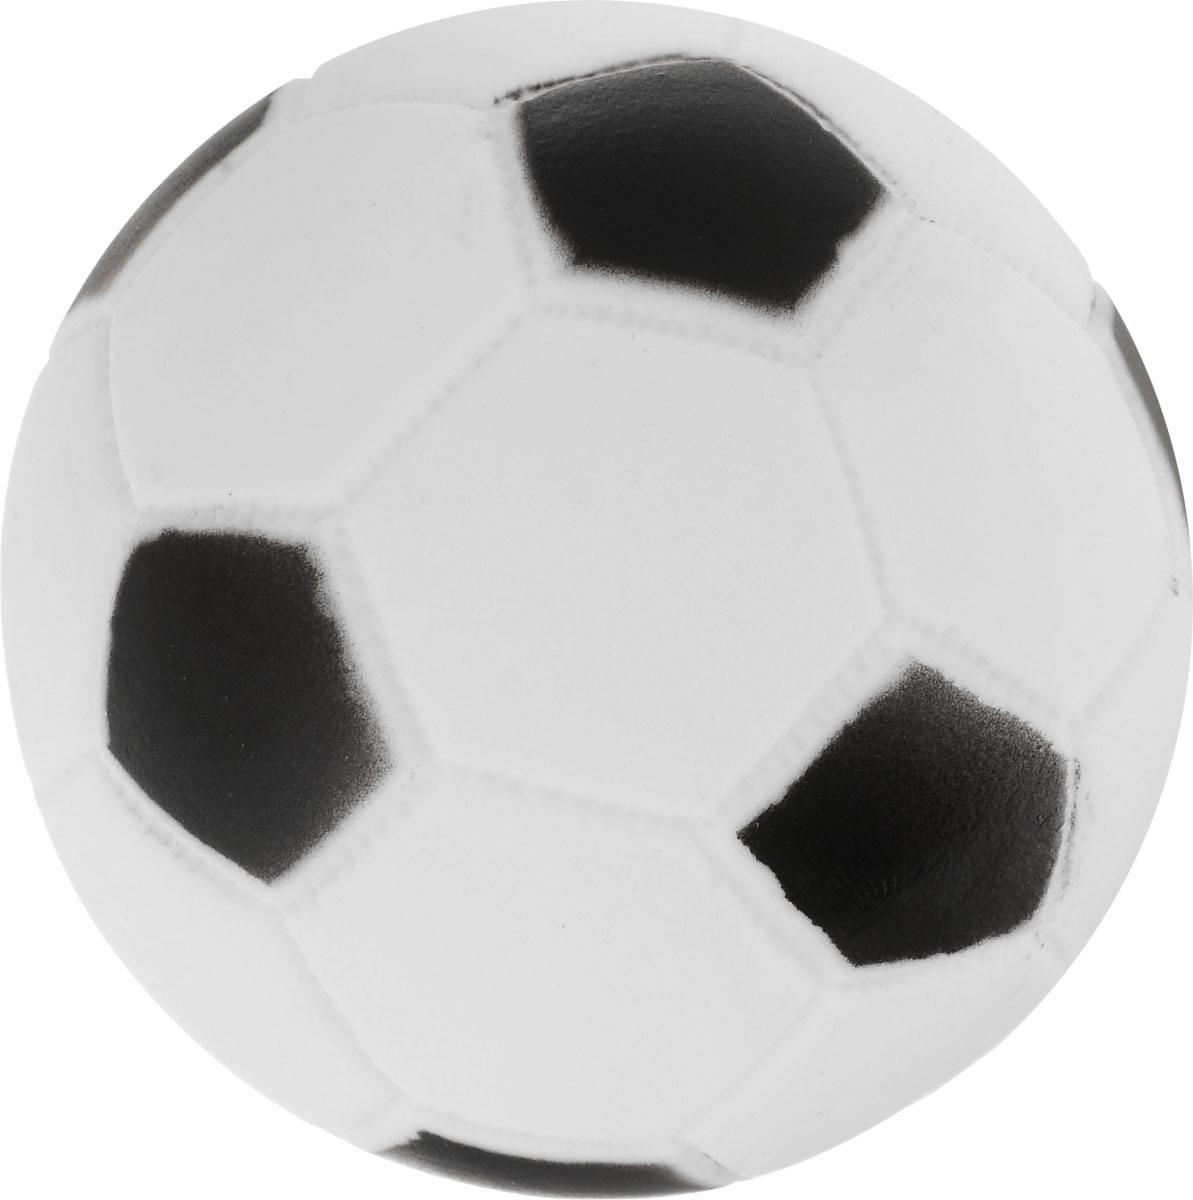 Игрушка для собак Уют Мяч футбольный, цвет: белый, черный, 7 см футбольный тренажер exit 124x124 см